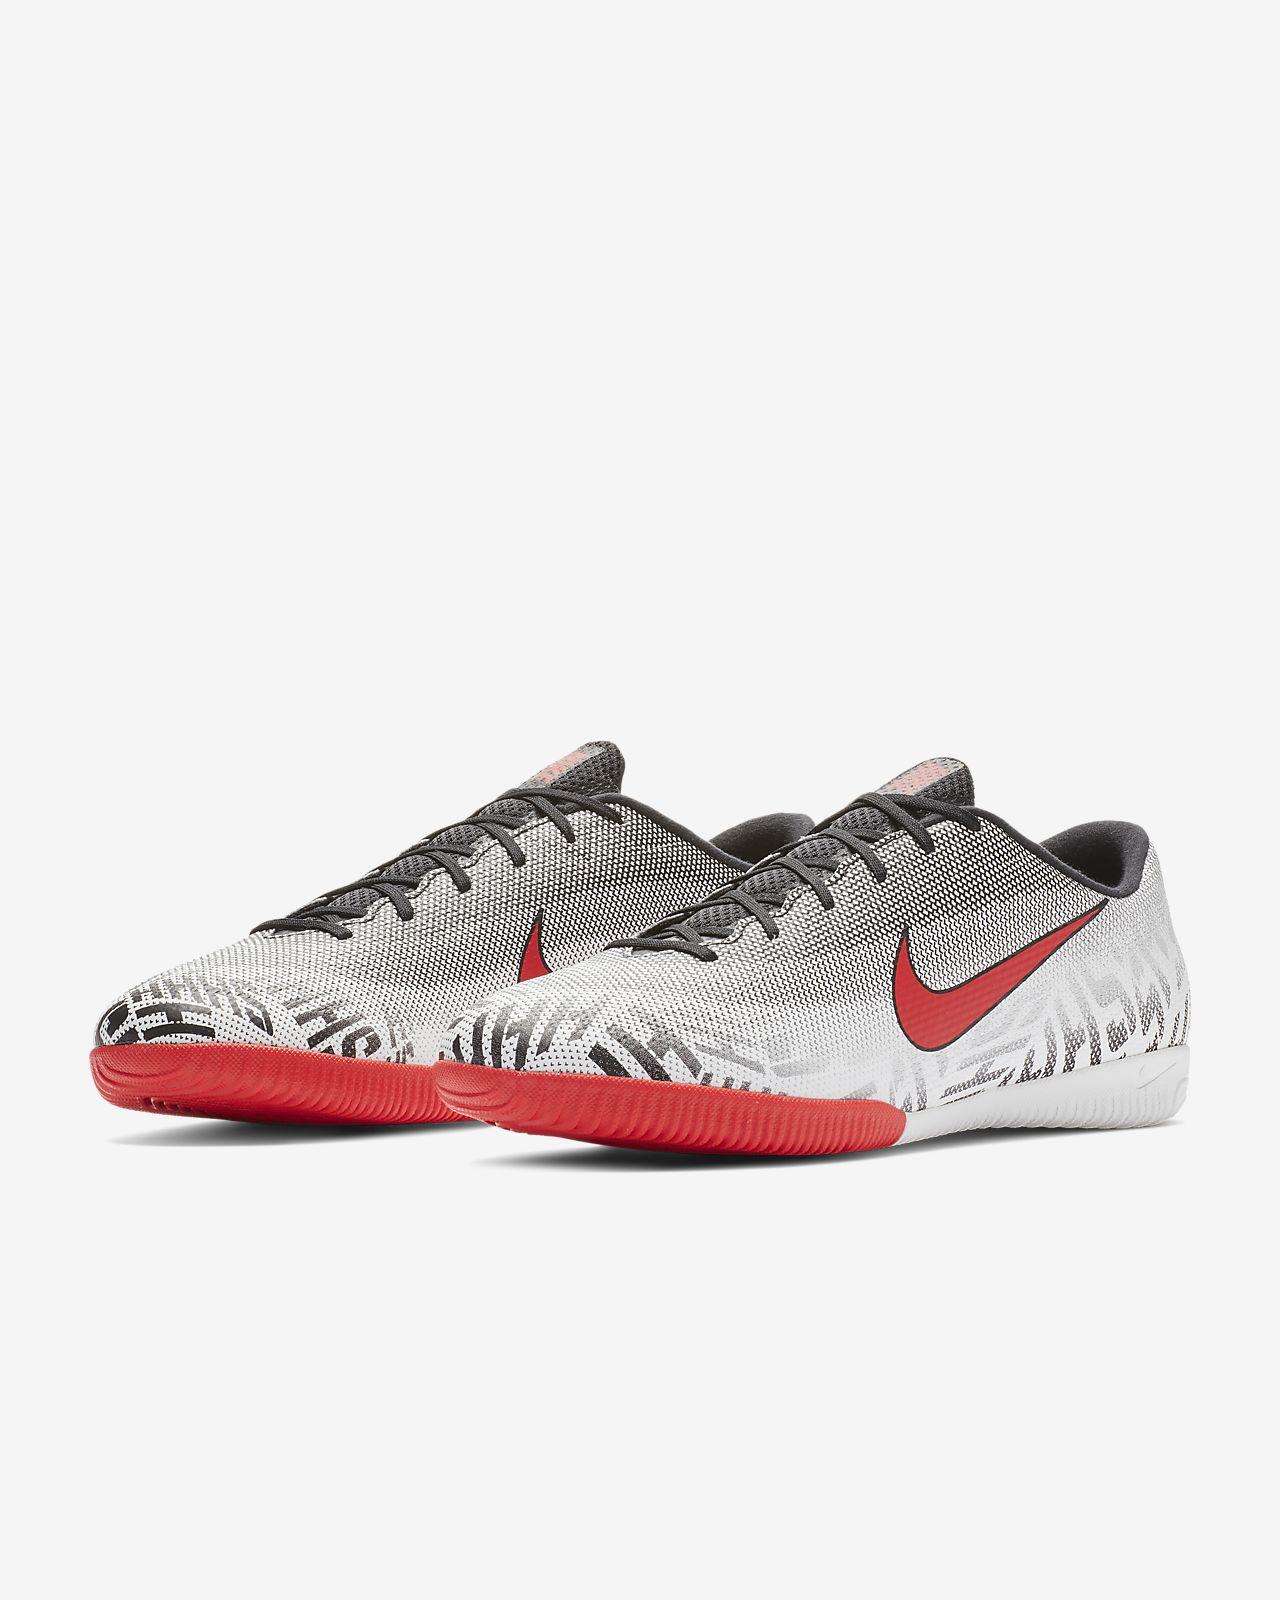 info for 5468e 3652f ... Chaussure de football en salle Nike Mercurial Vapor XII Academy Neymar  Jr